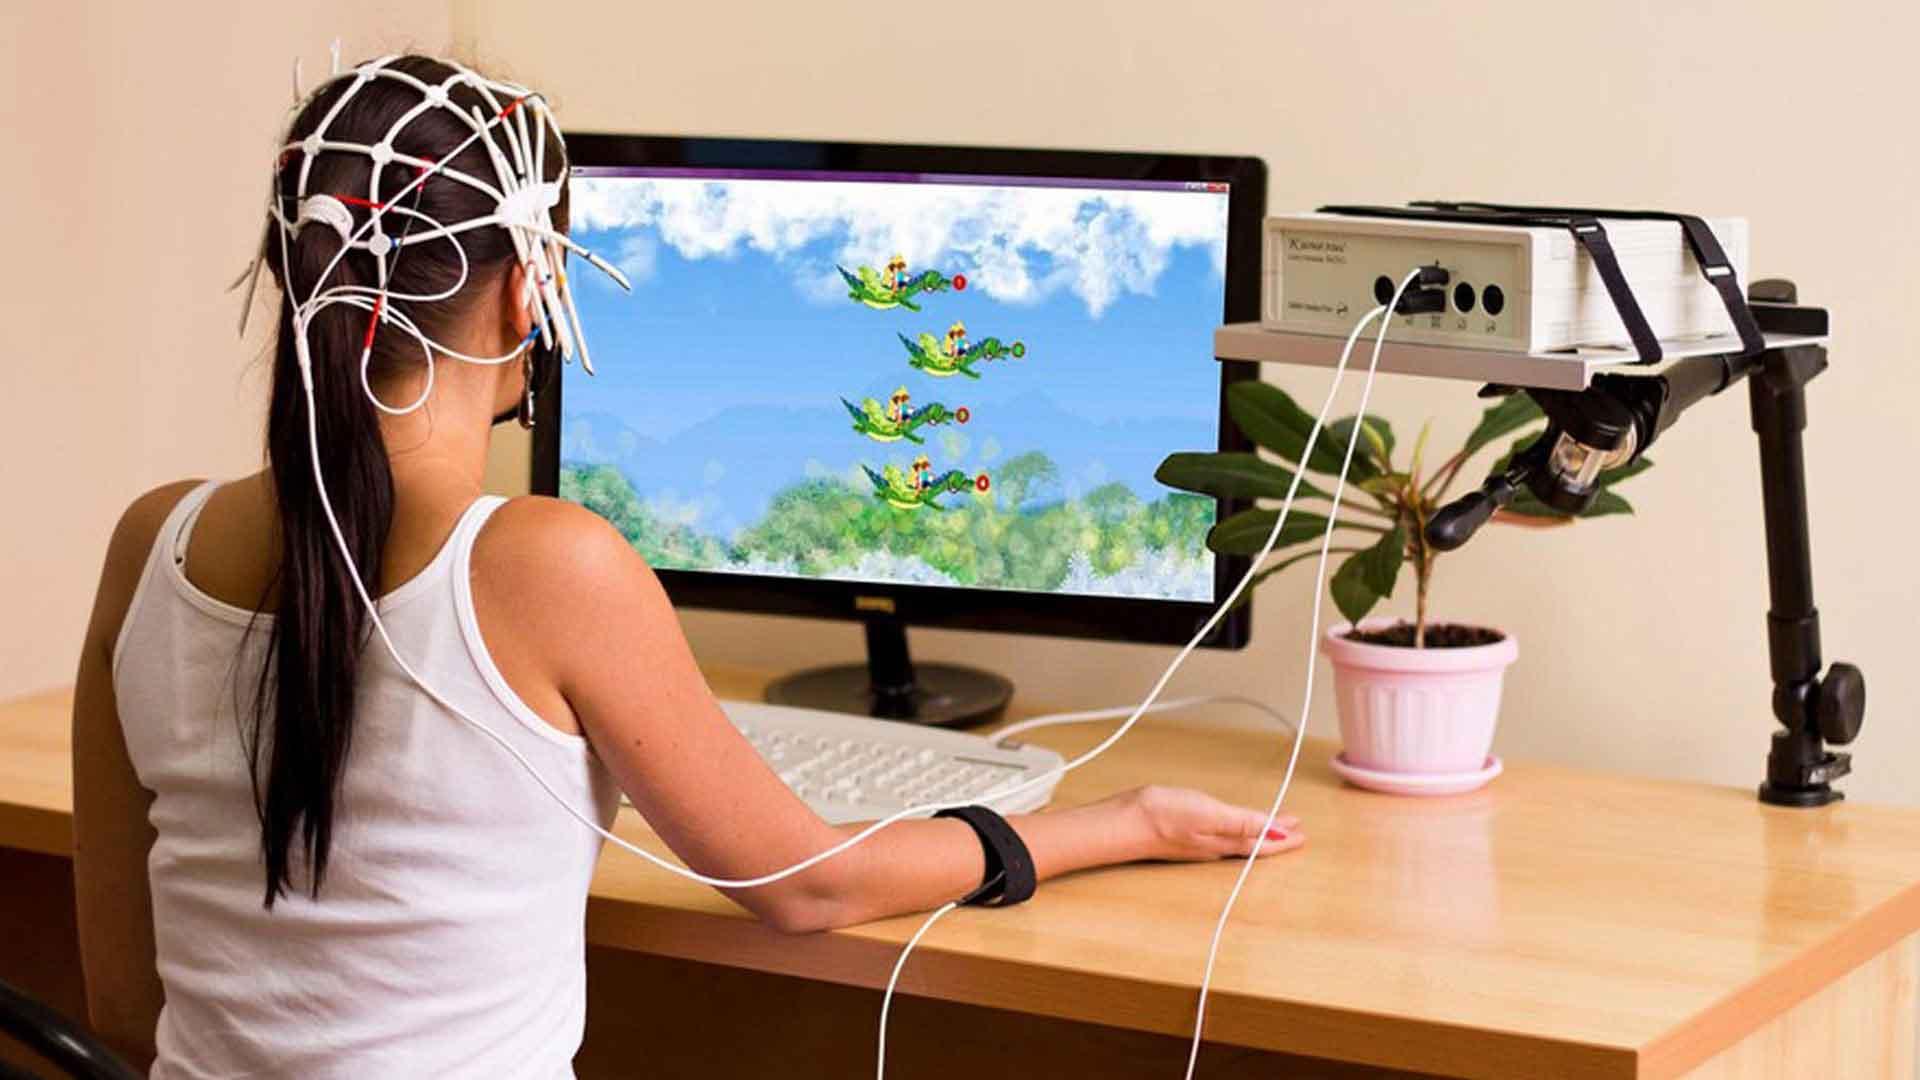 کارایی و کاربرد درمان نورو فیدبک